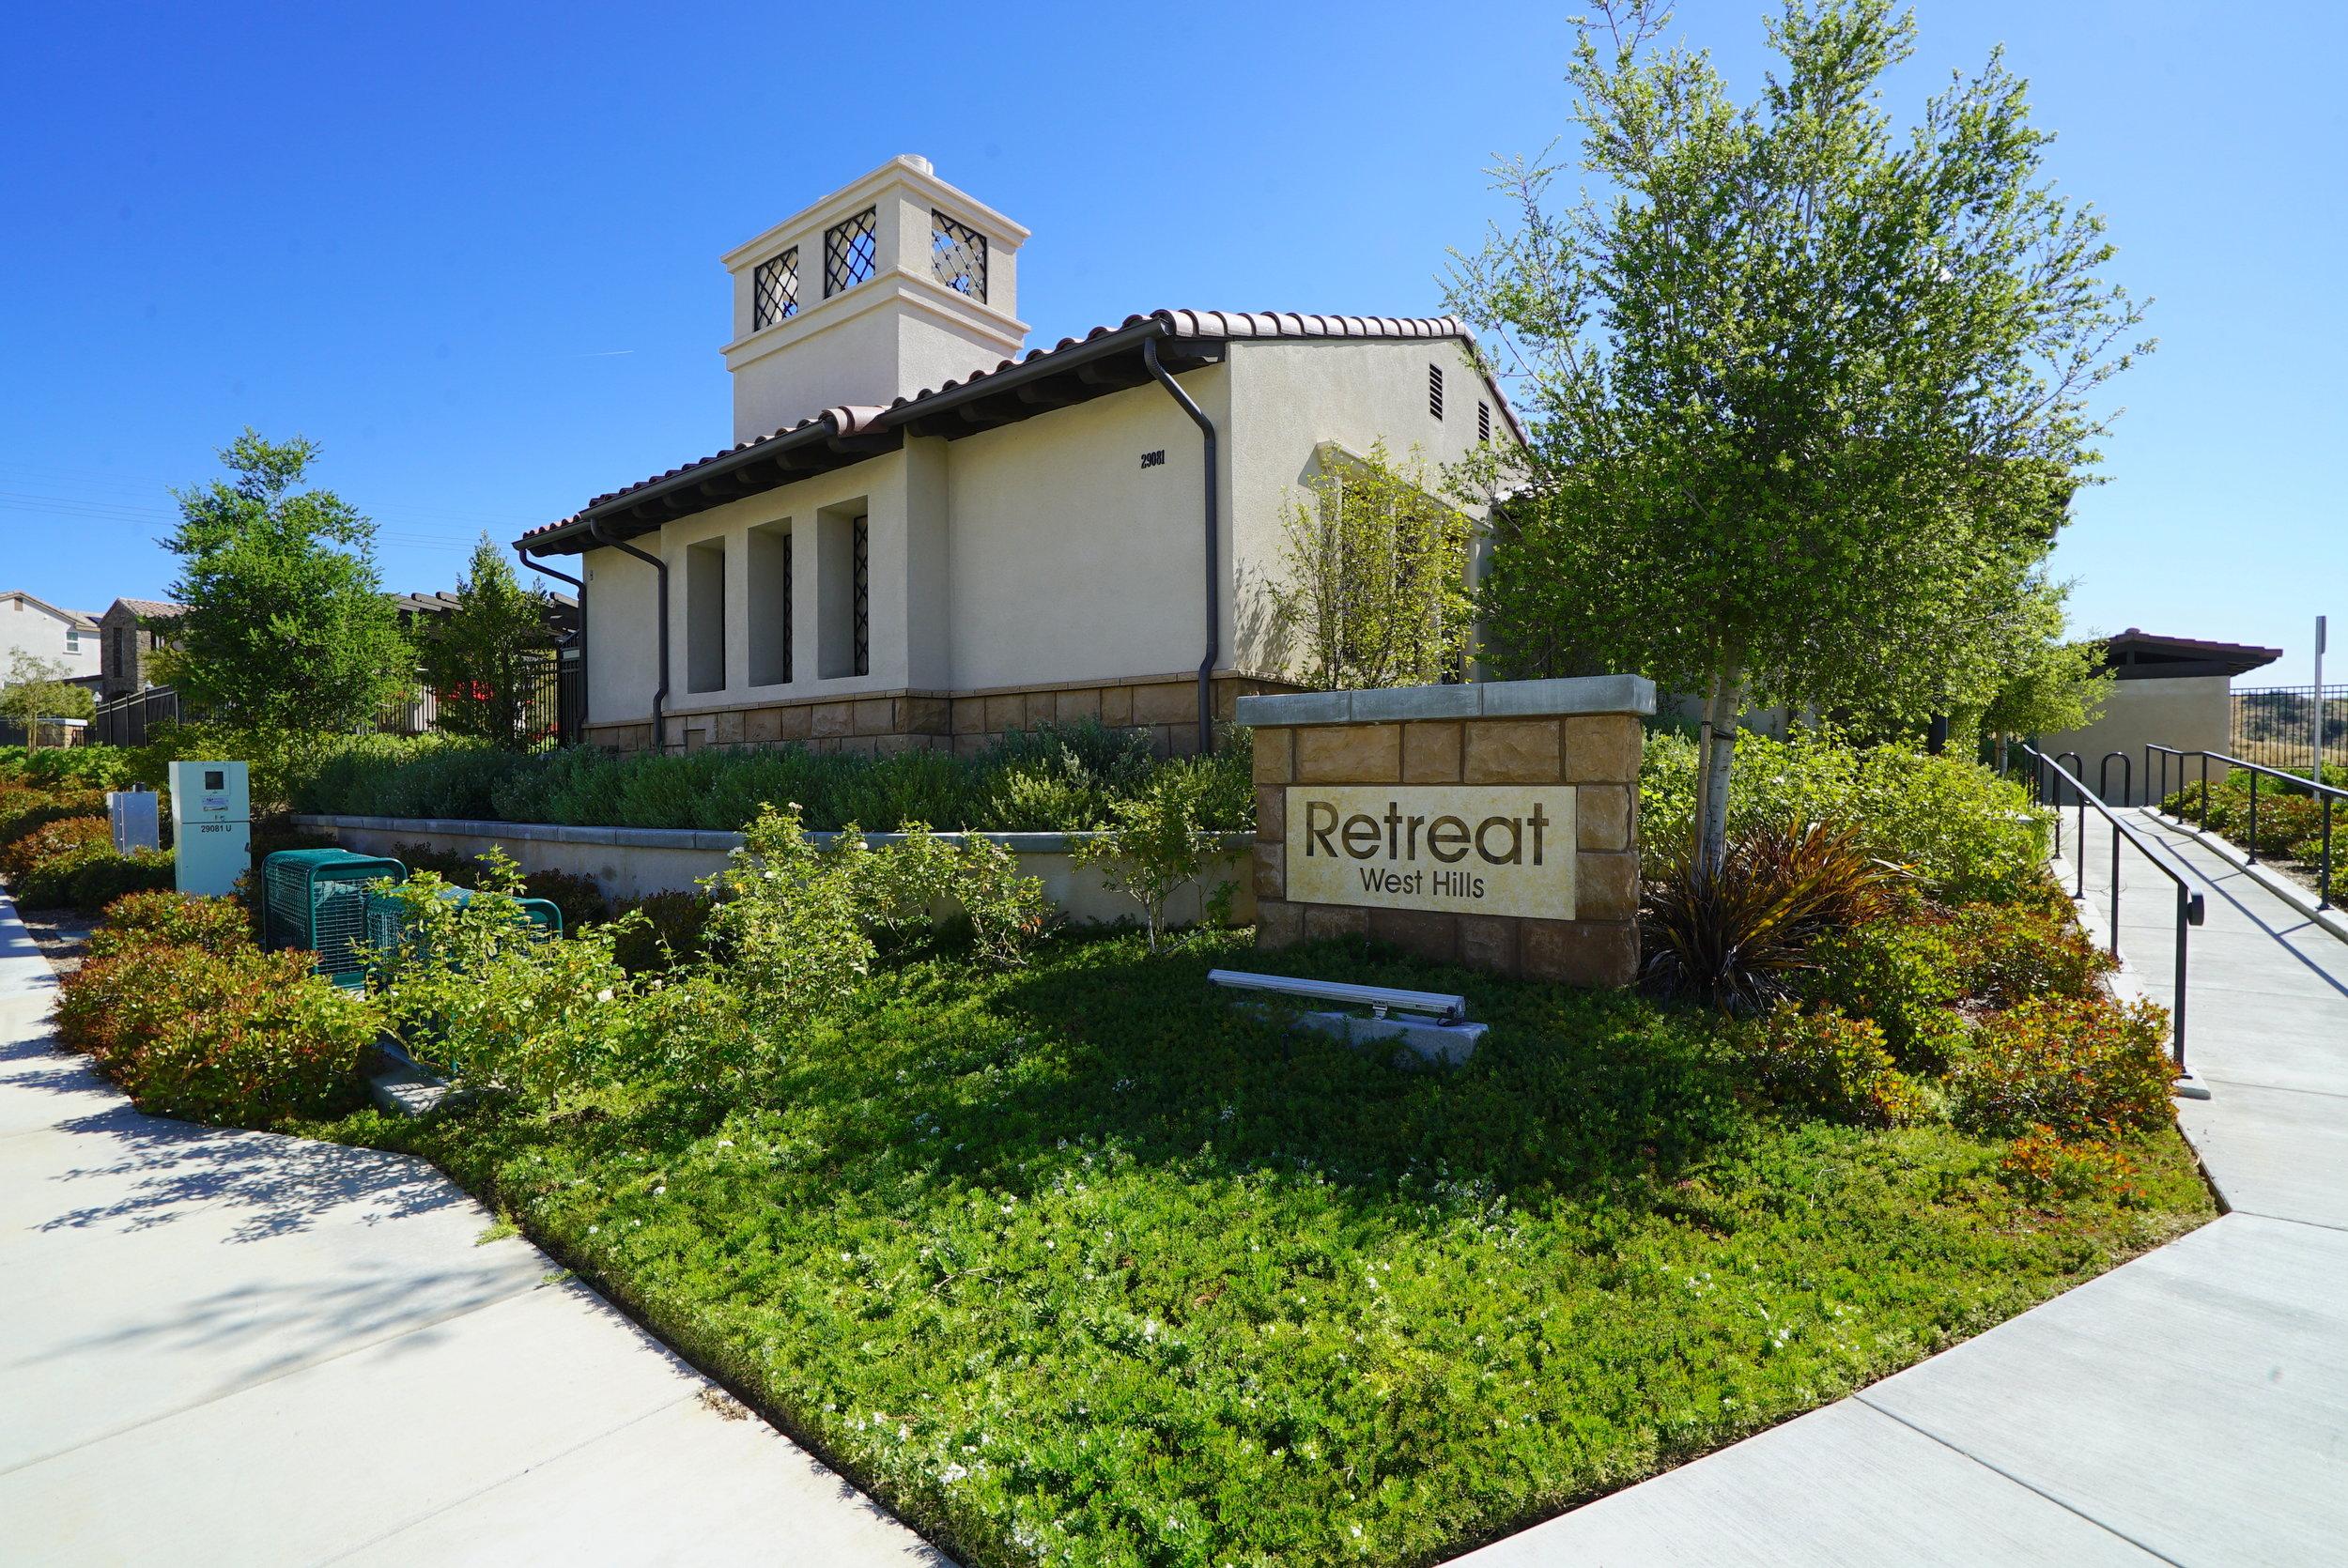 West Hills | Santa Clarita, CA